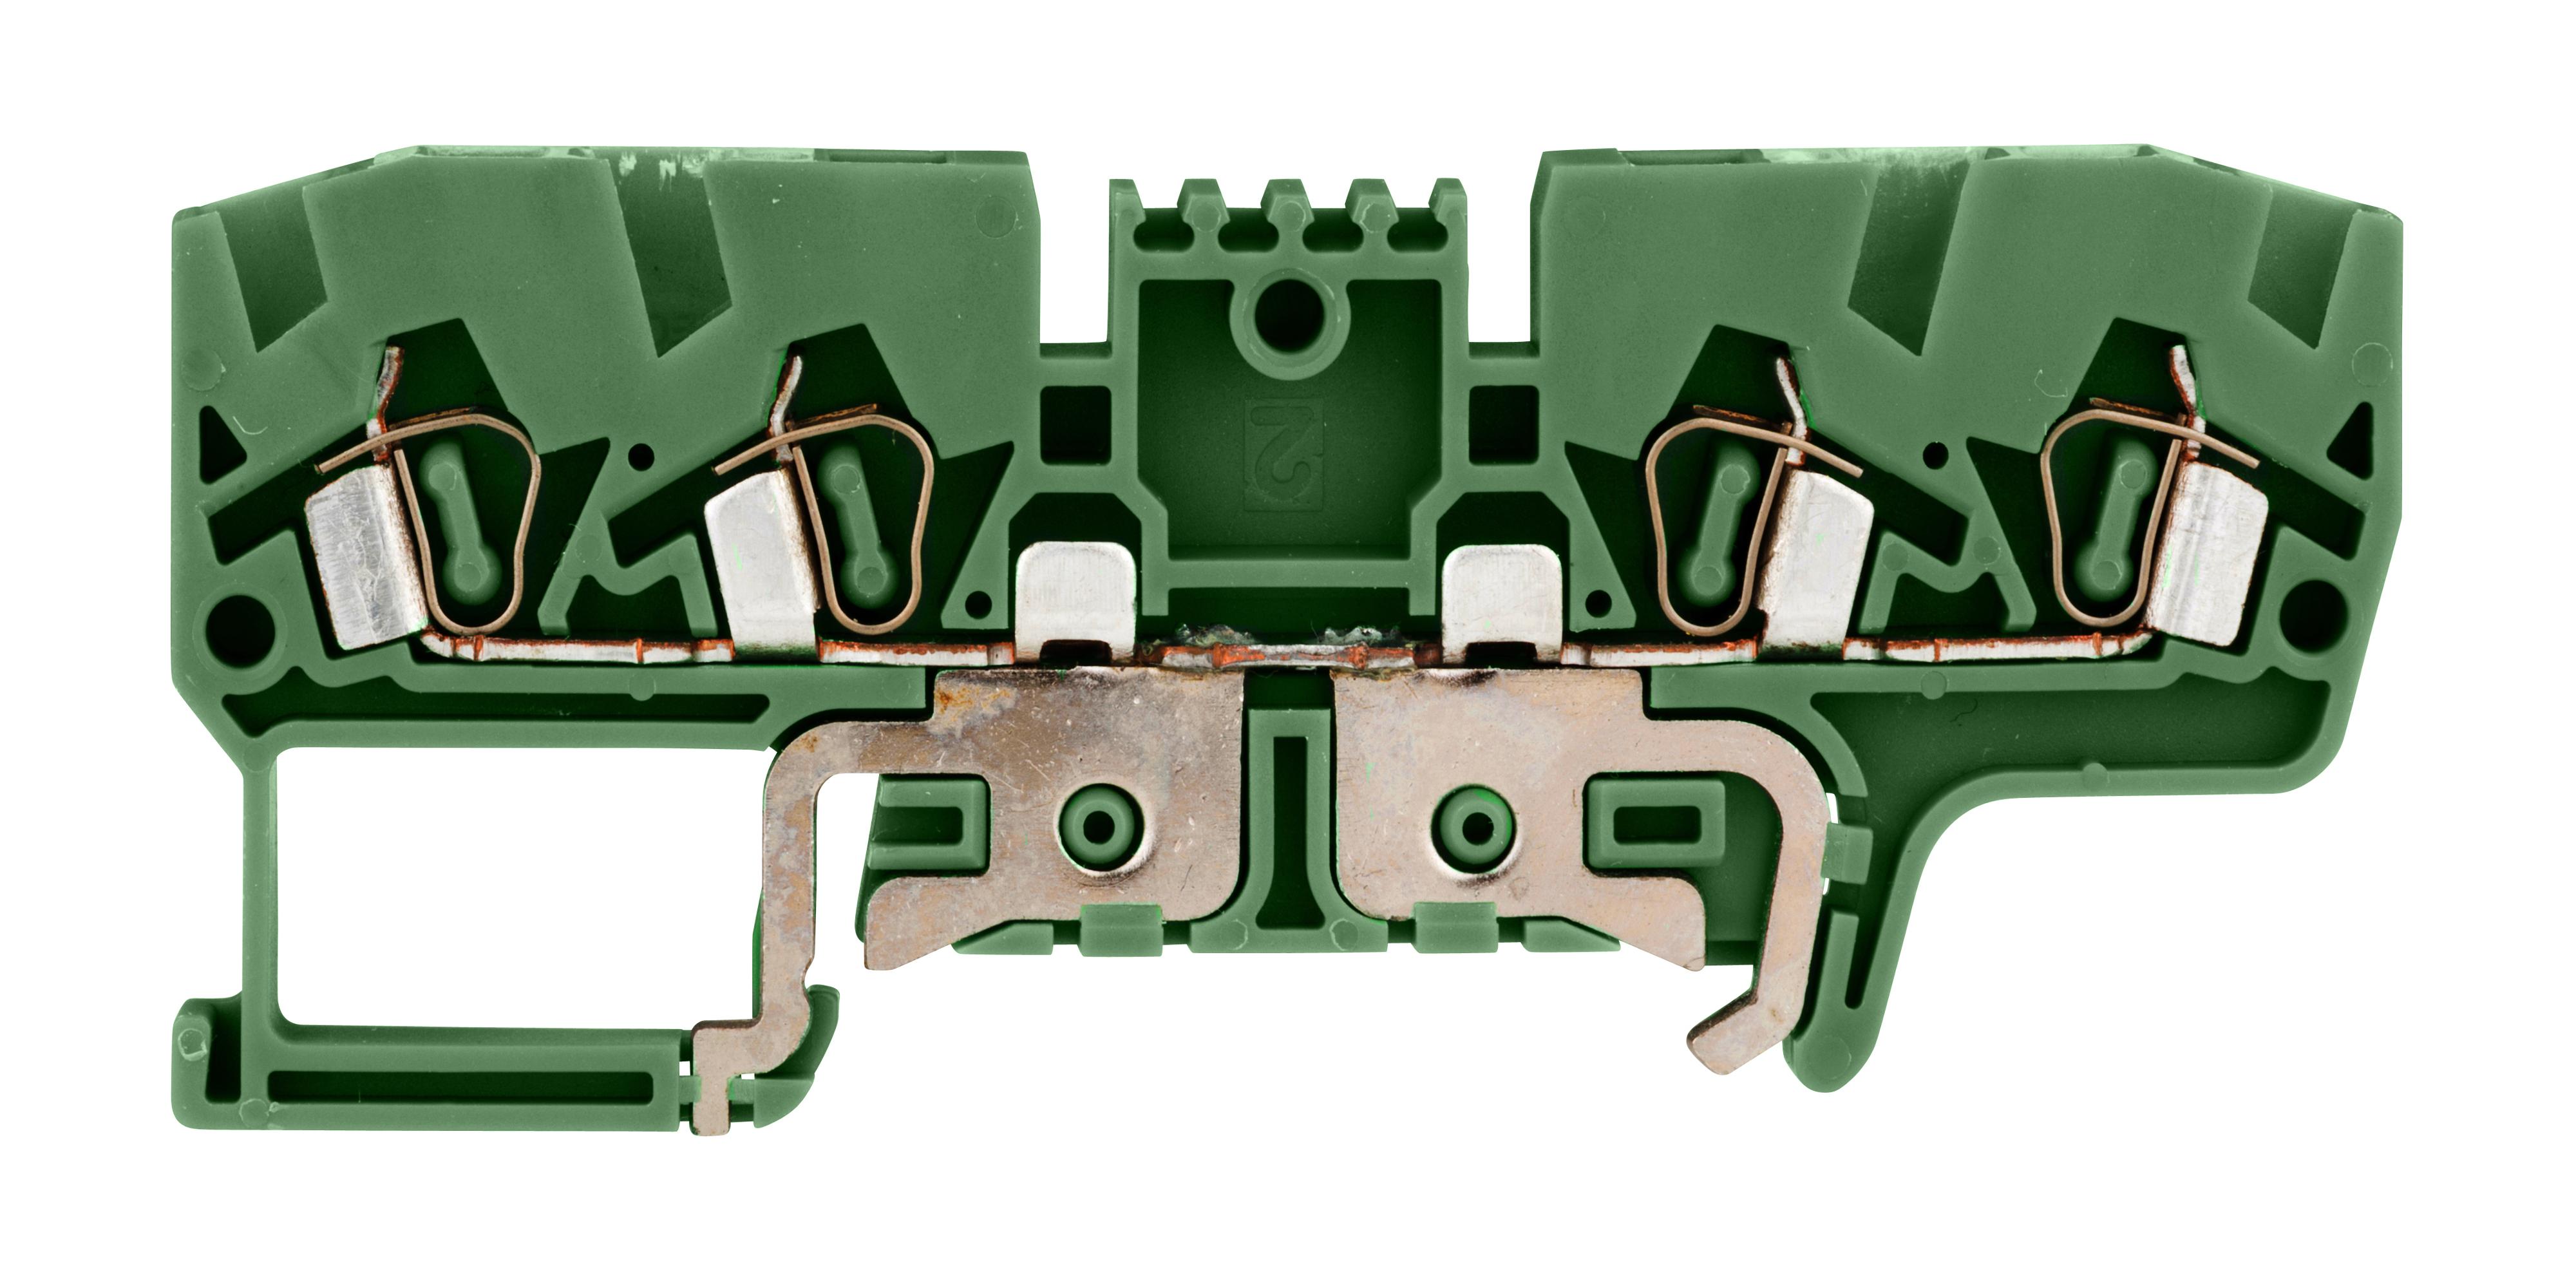 1 Stk Schutzleiter-Federkraftkl.2,5mm²,4-fach,YBK 2,5 CT gelb-grün IK692014--